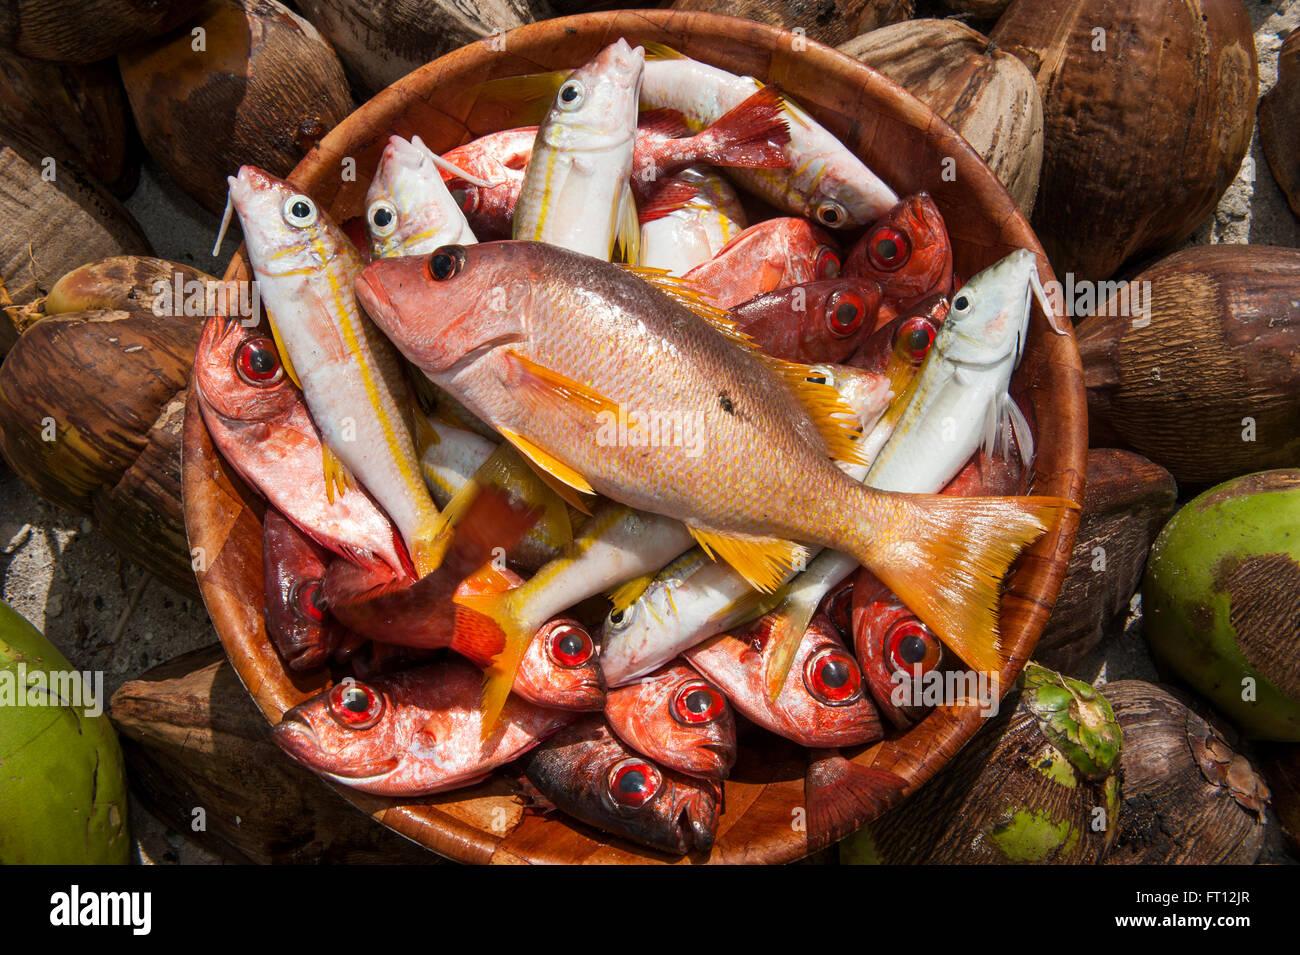 Pesci colorati per la vendita su un mercato, Makemo, isole Tuamotu, Polinesia francese, Sud Pacifico Immagini Stock